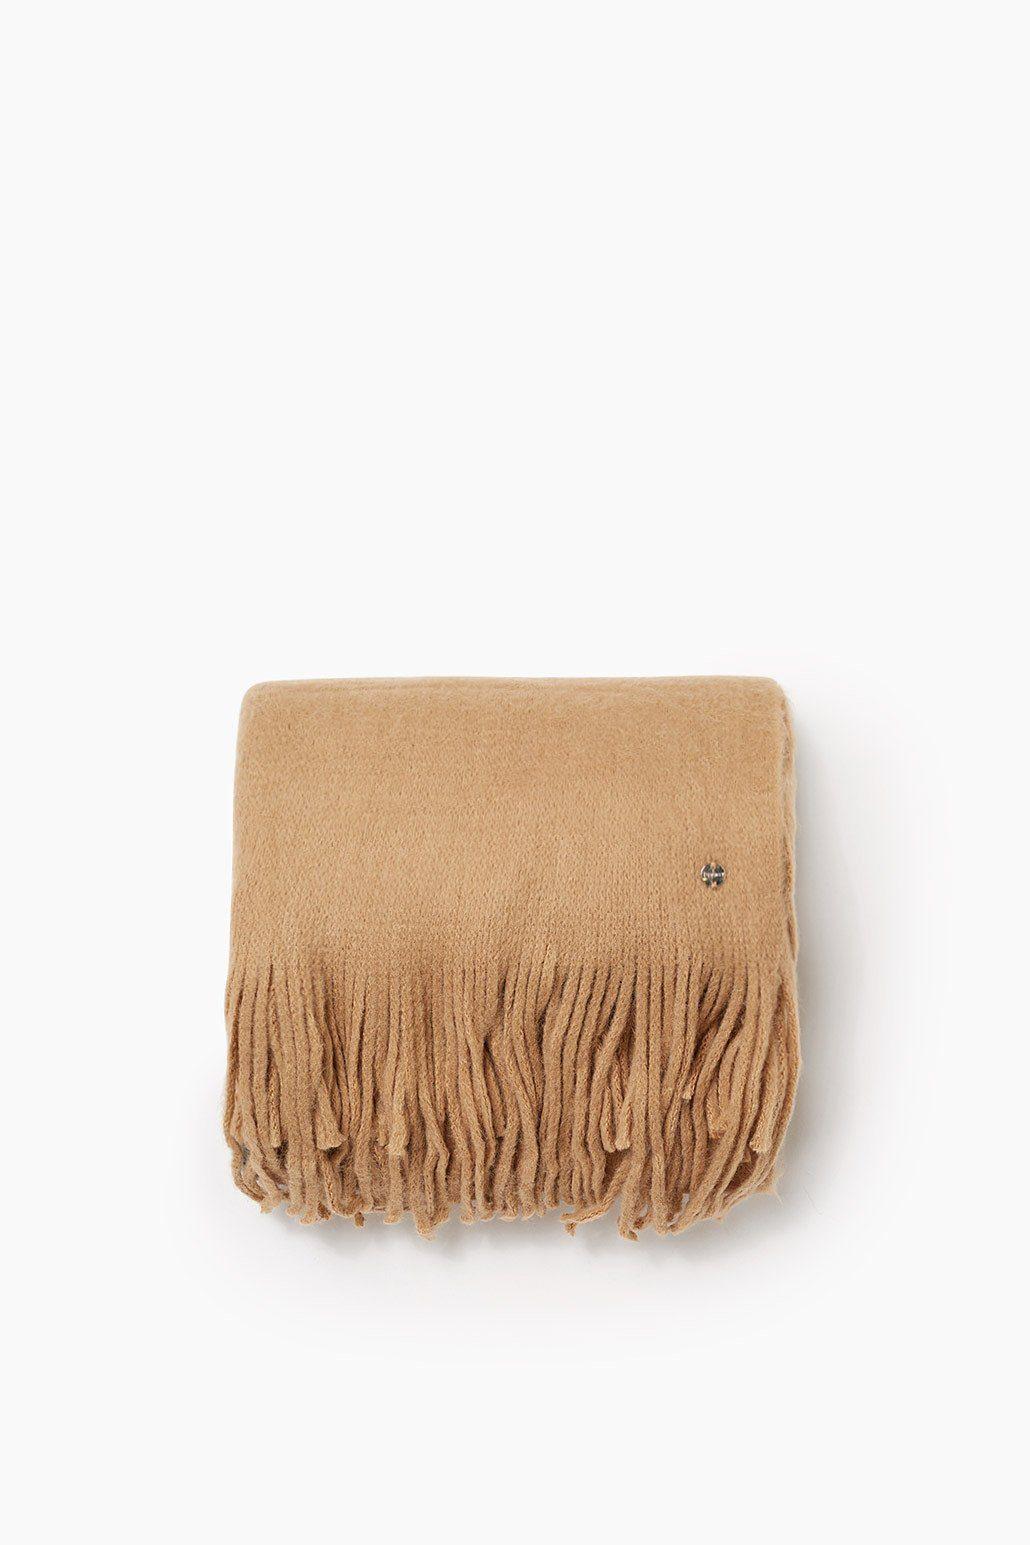 ESPRIT CASUAL Colorblock Schal aus weichem Strick